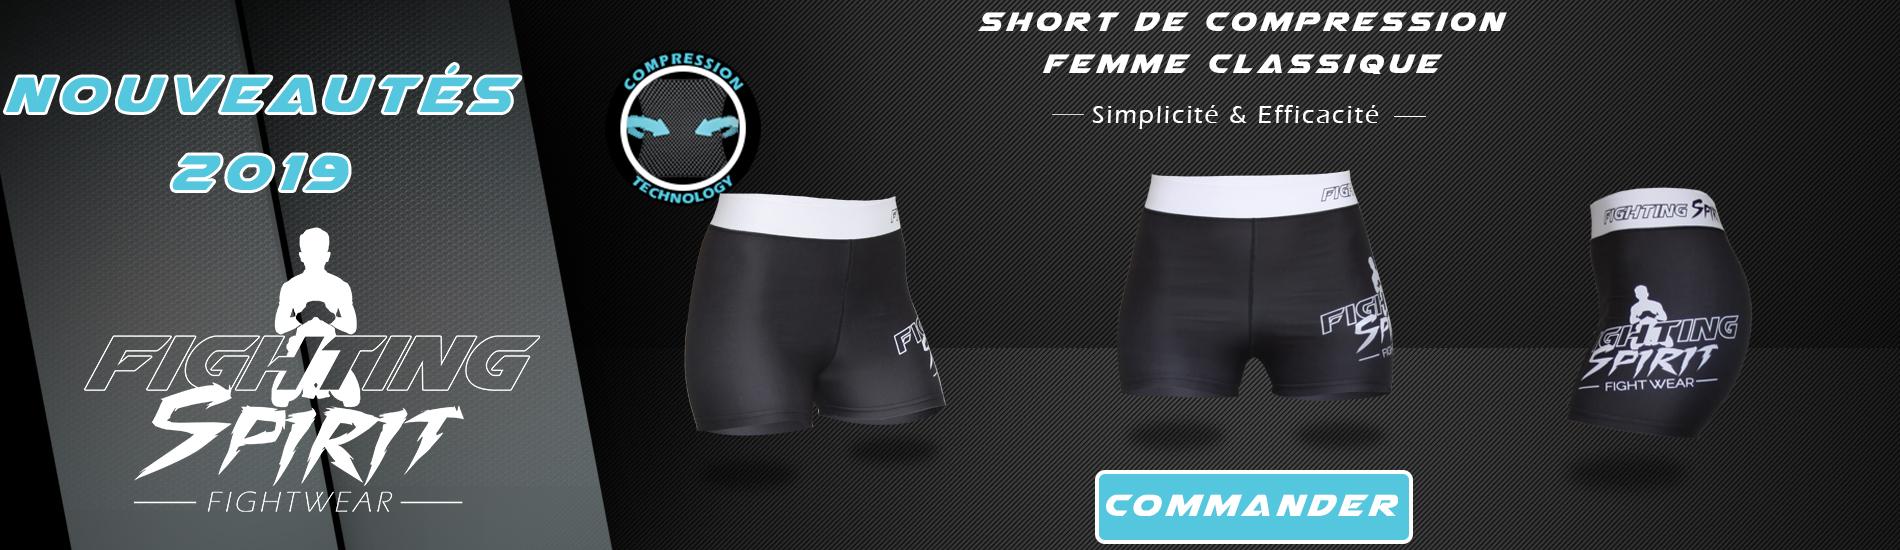 Nouveautés FIGHTING SPIRIT : Shorts de compression Femme